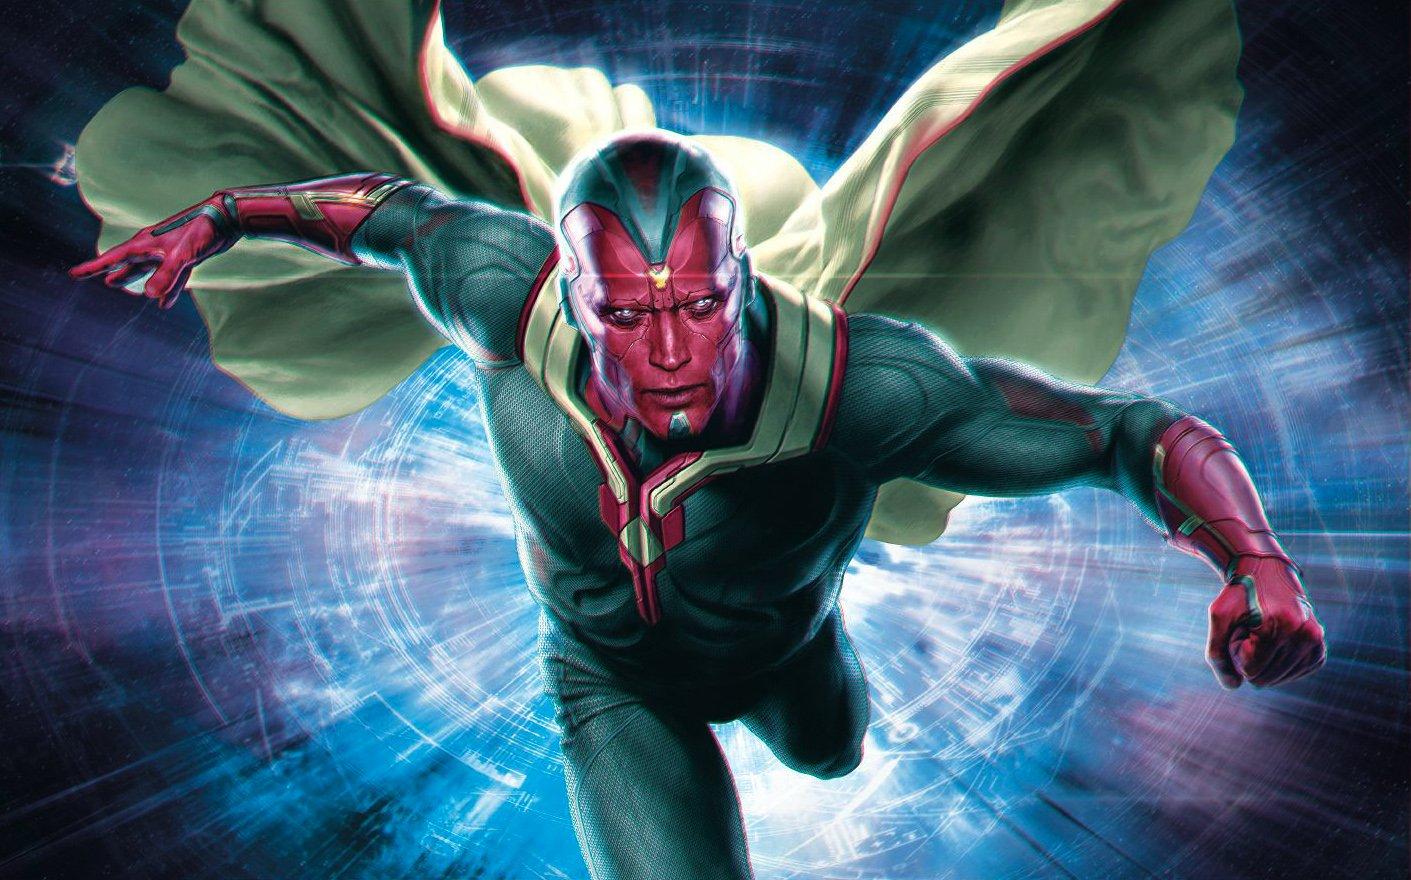 Kamień Nieskończoności z głowy Visiona zostanie zapewne usunięty nie przez popleczników Thanosa, a przez naukowiec z Wakandy, Shuri